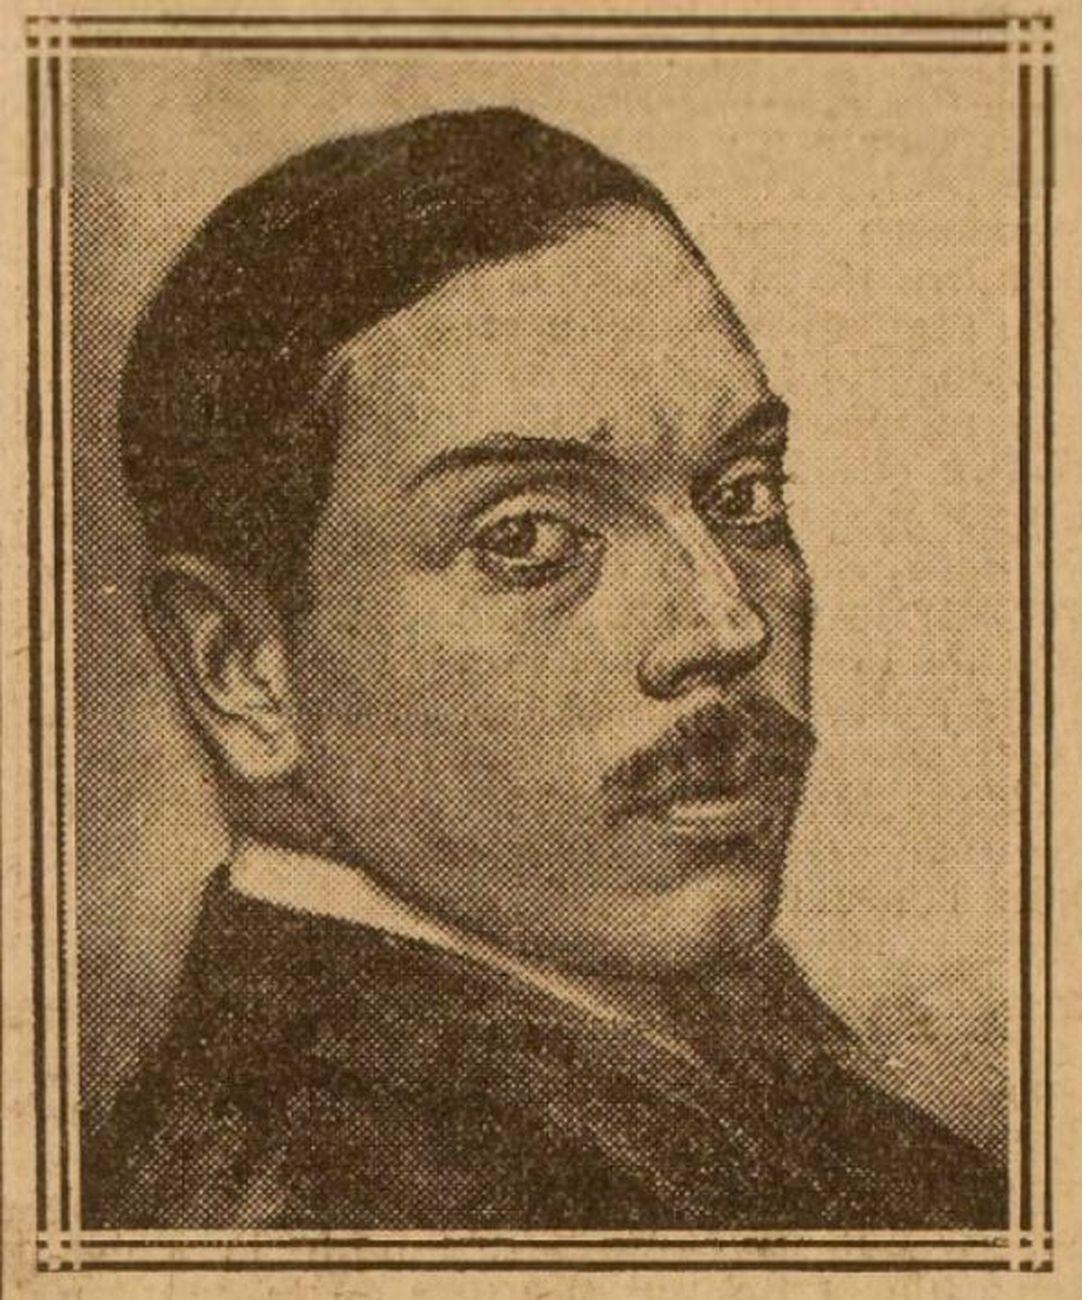 Ángel Zárraga, in un disegno pubblicato su Le Populaire, 1925